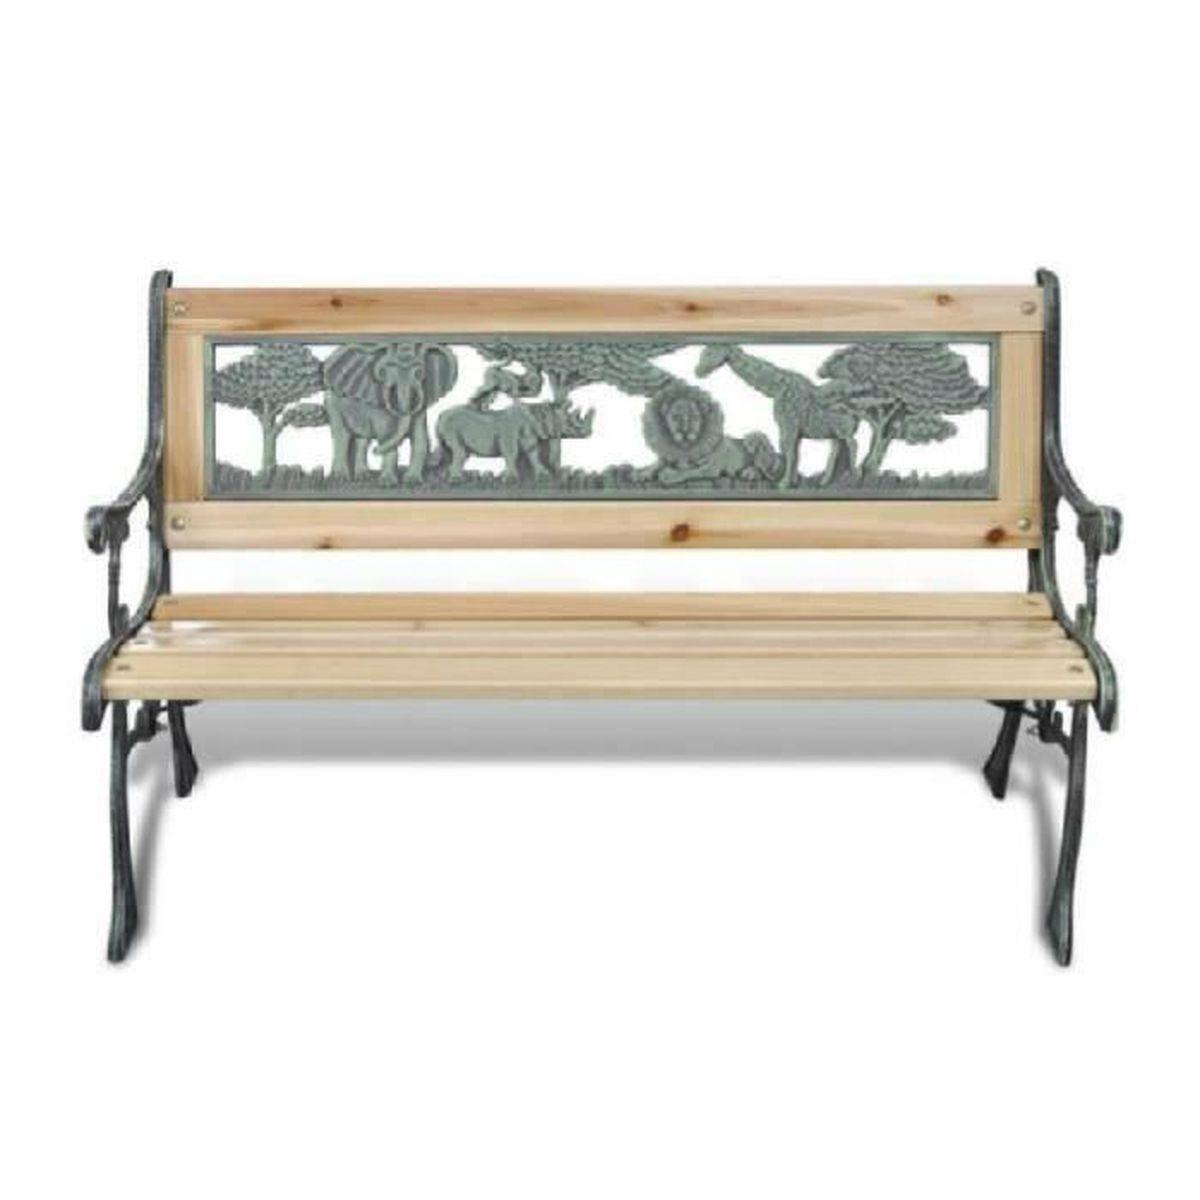 Banc de jardin enfant fonte et bois 80 x 24 cm - Achat ...